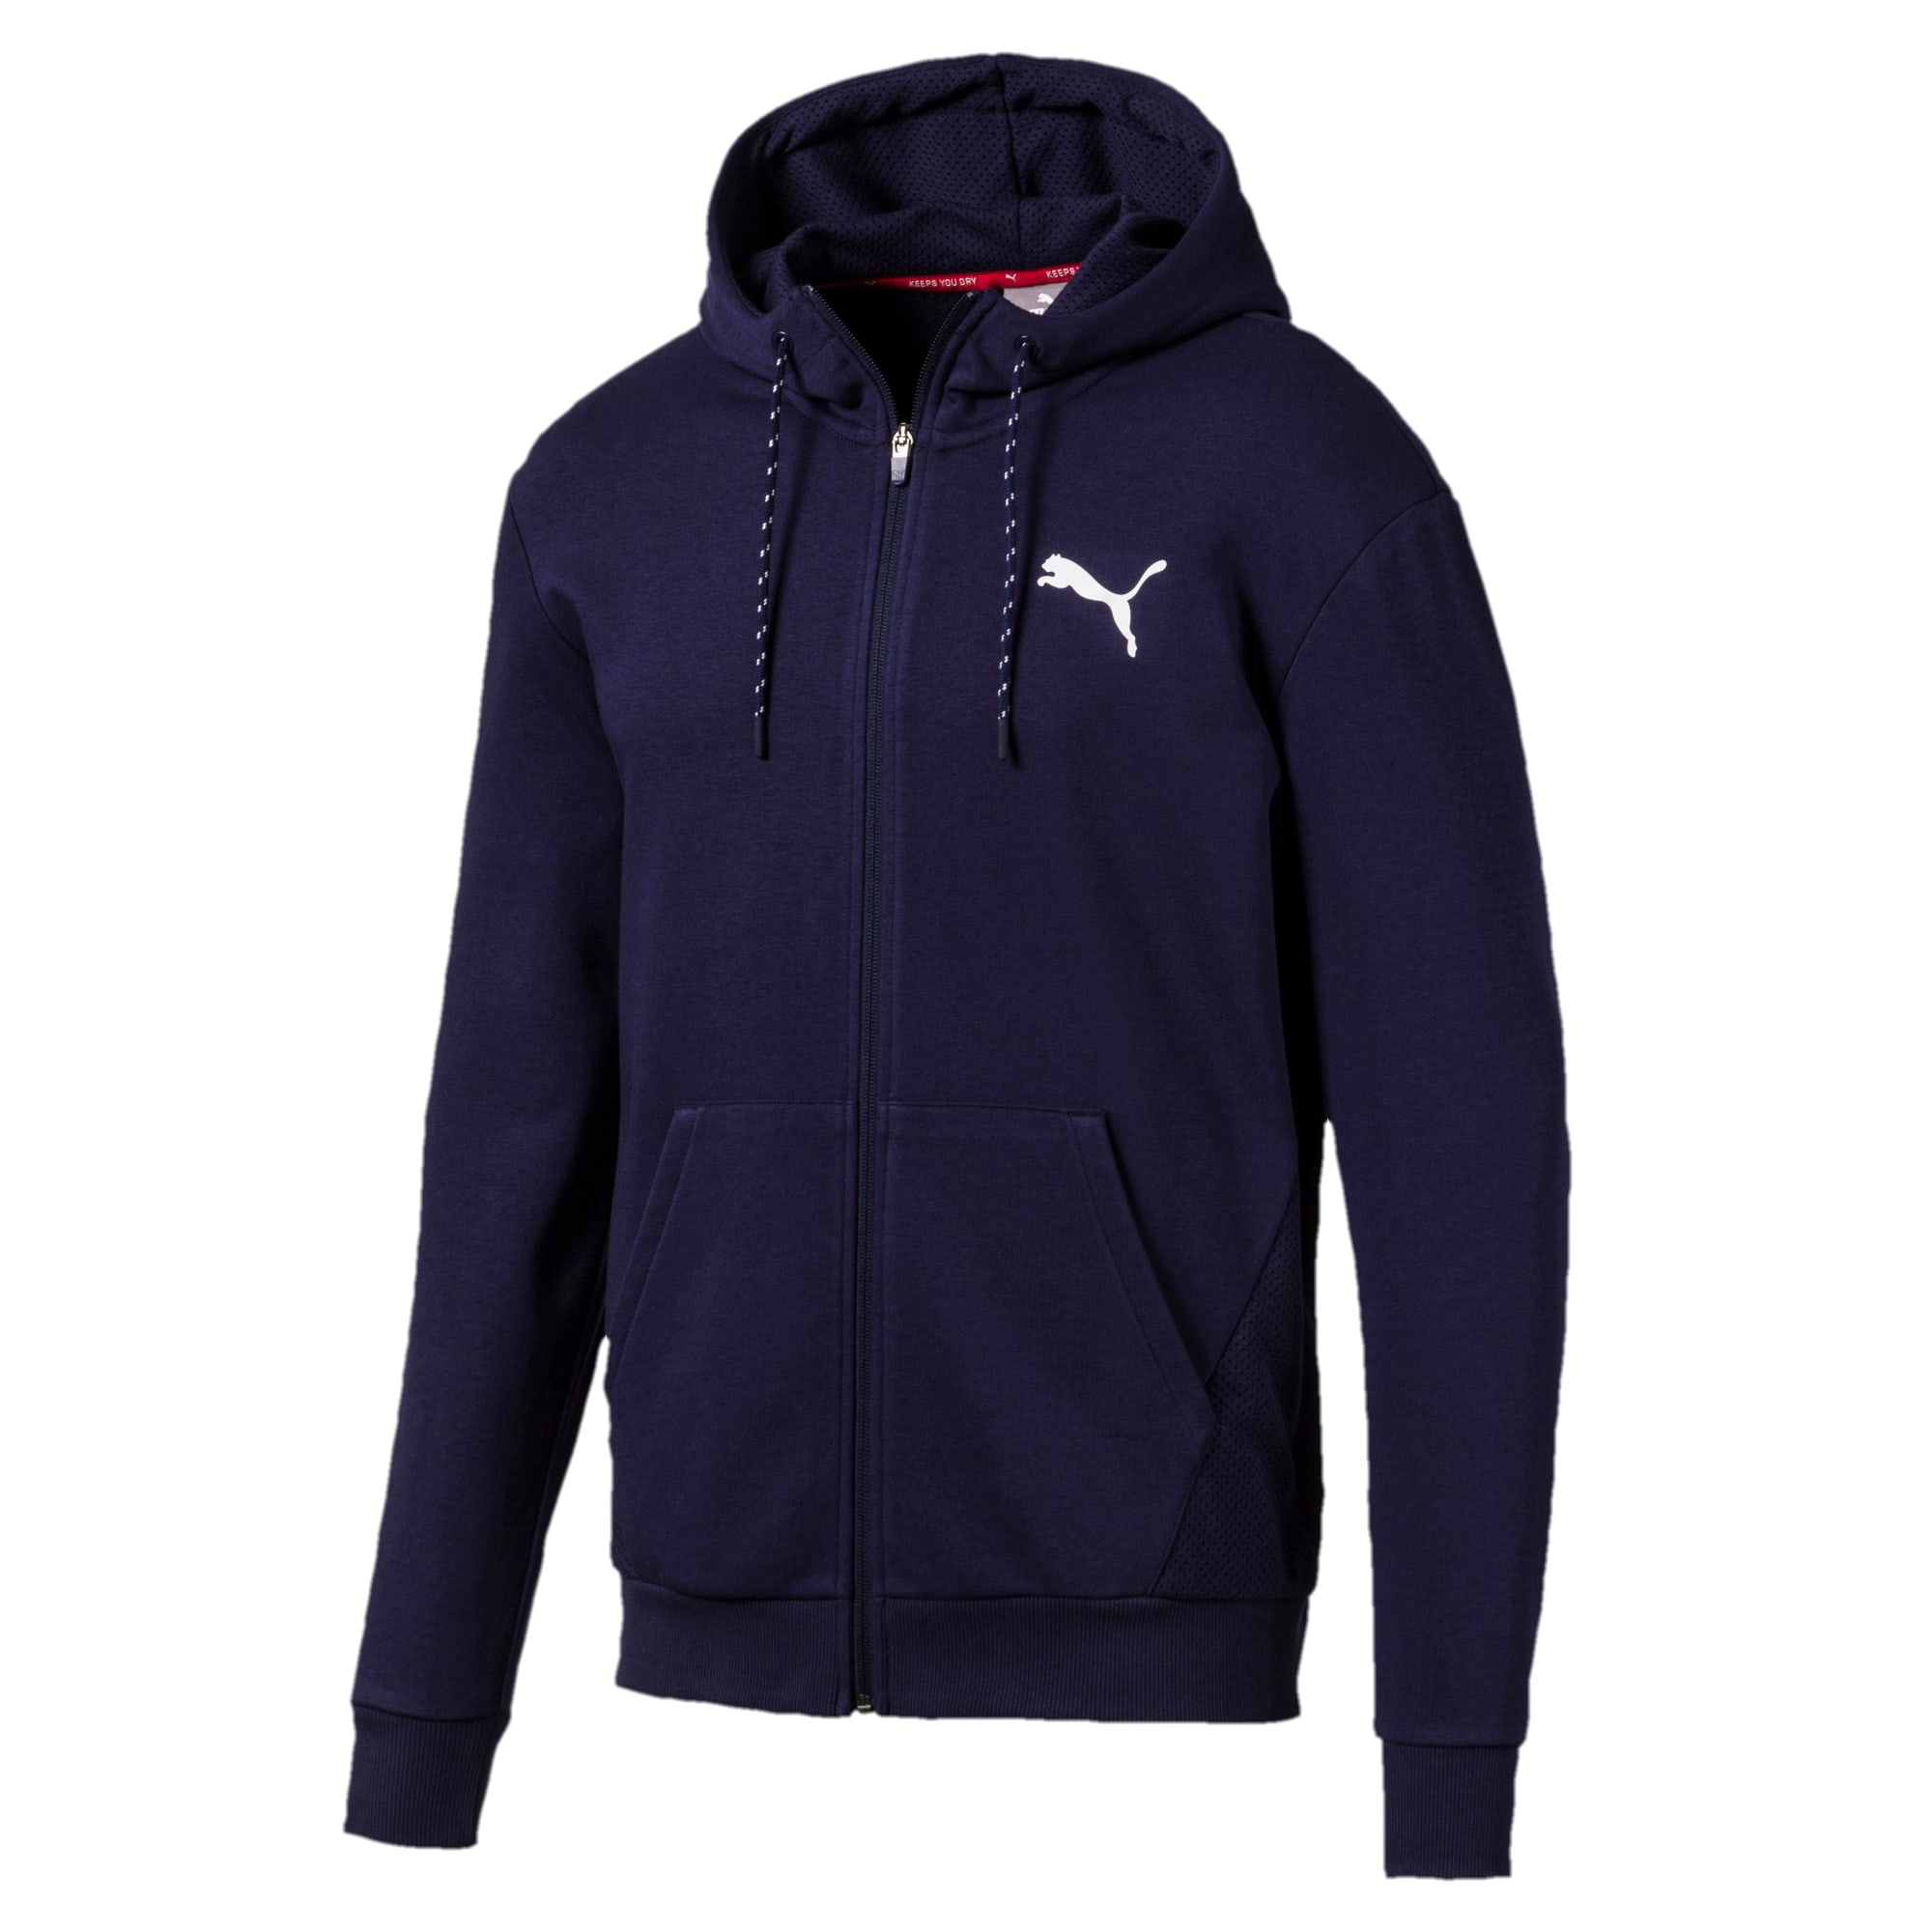 Miniatura 4 de Sudadera Modern Sports con capucha y cierre completo para hombre, Peacoat, mediano